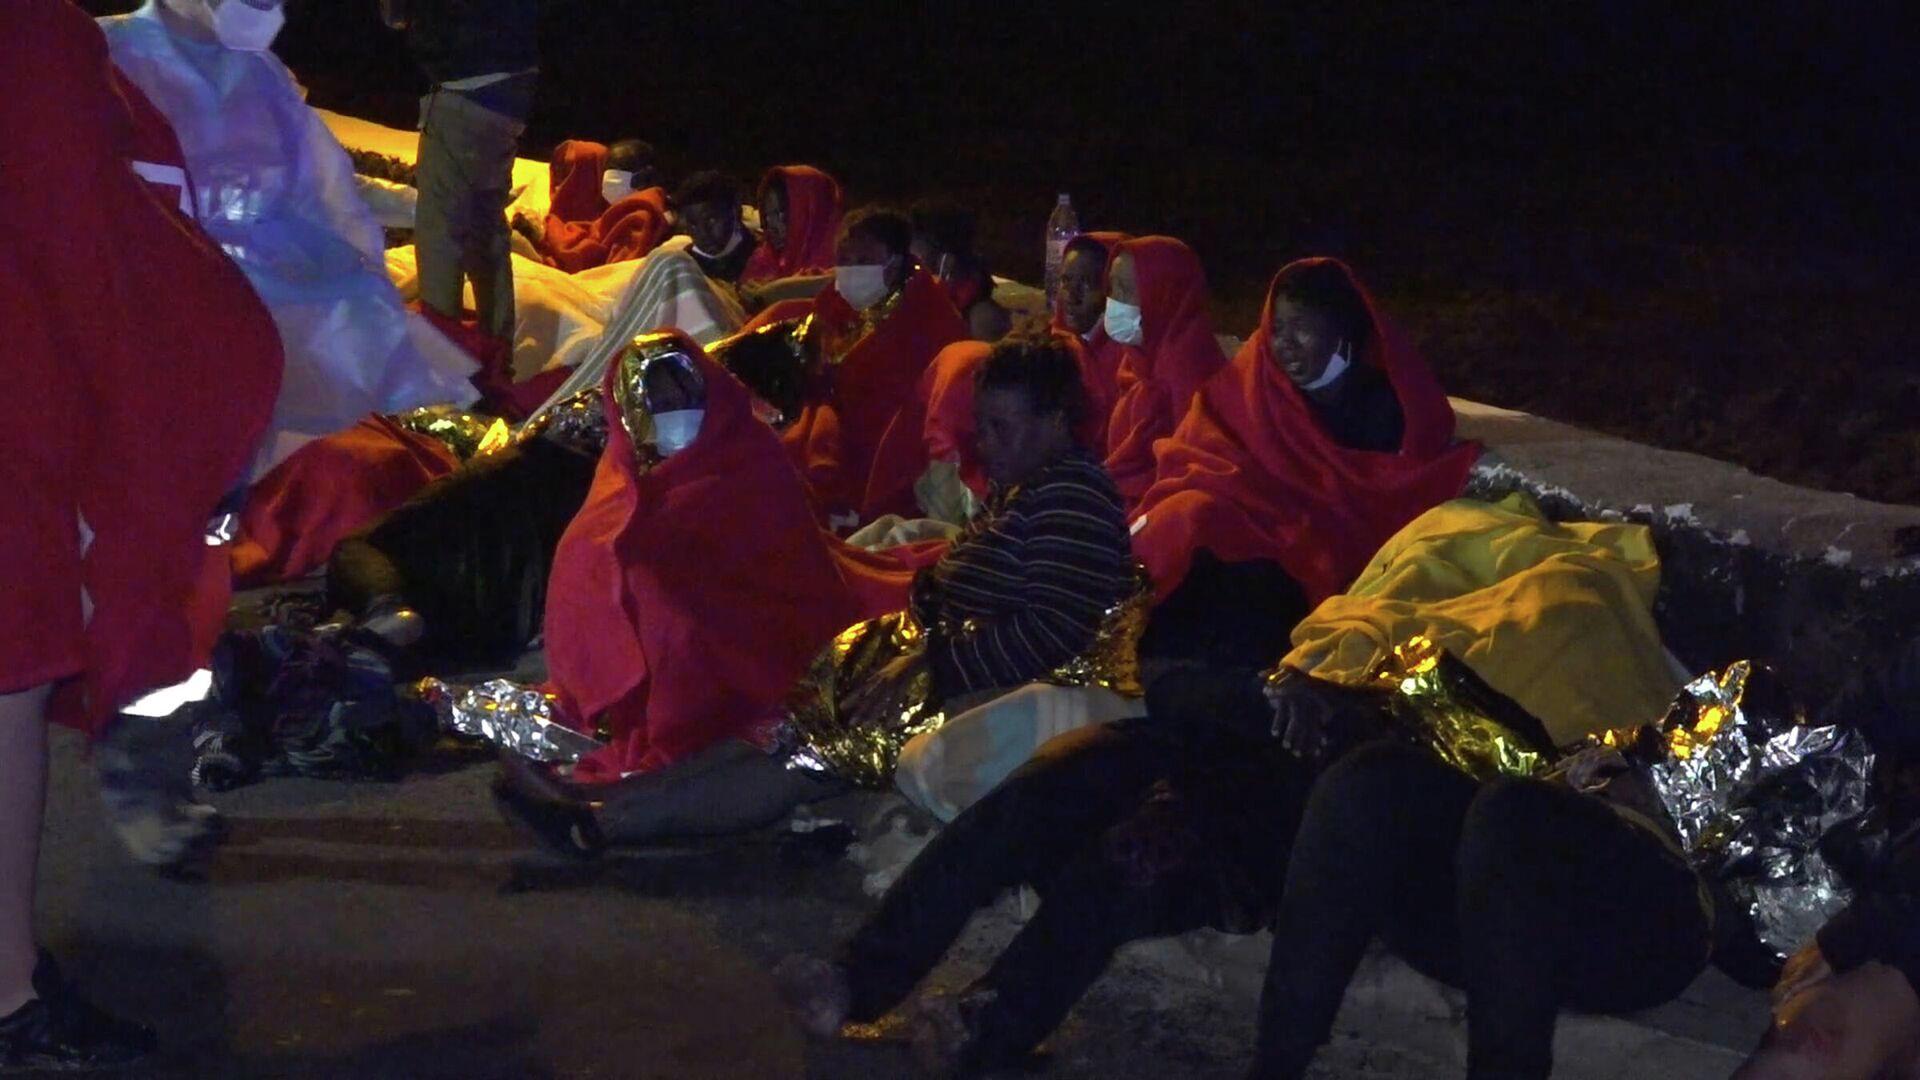 Migrantes rescatados de madrugada tras encallar su embarcación en Orzola, Lanzarote - Sputnik Mundo, 1920, 18.06.2021